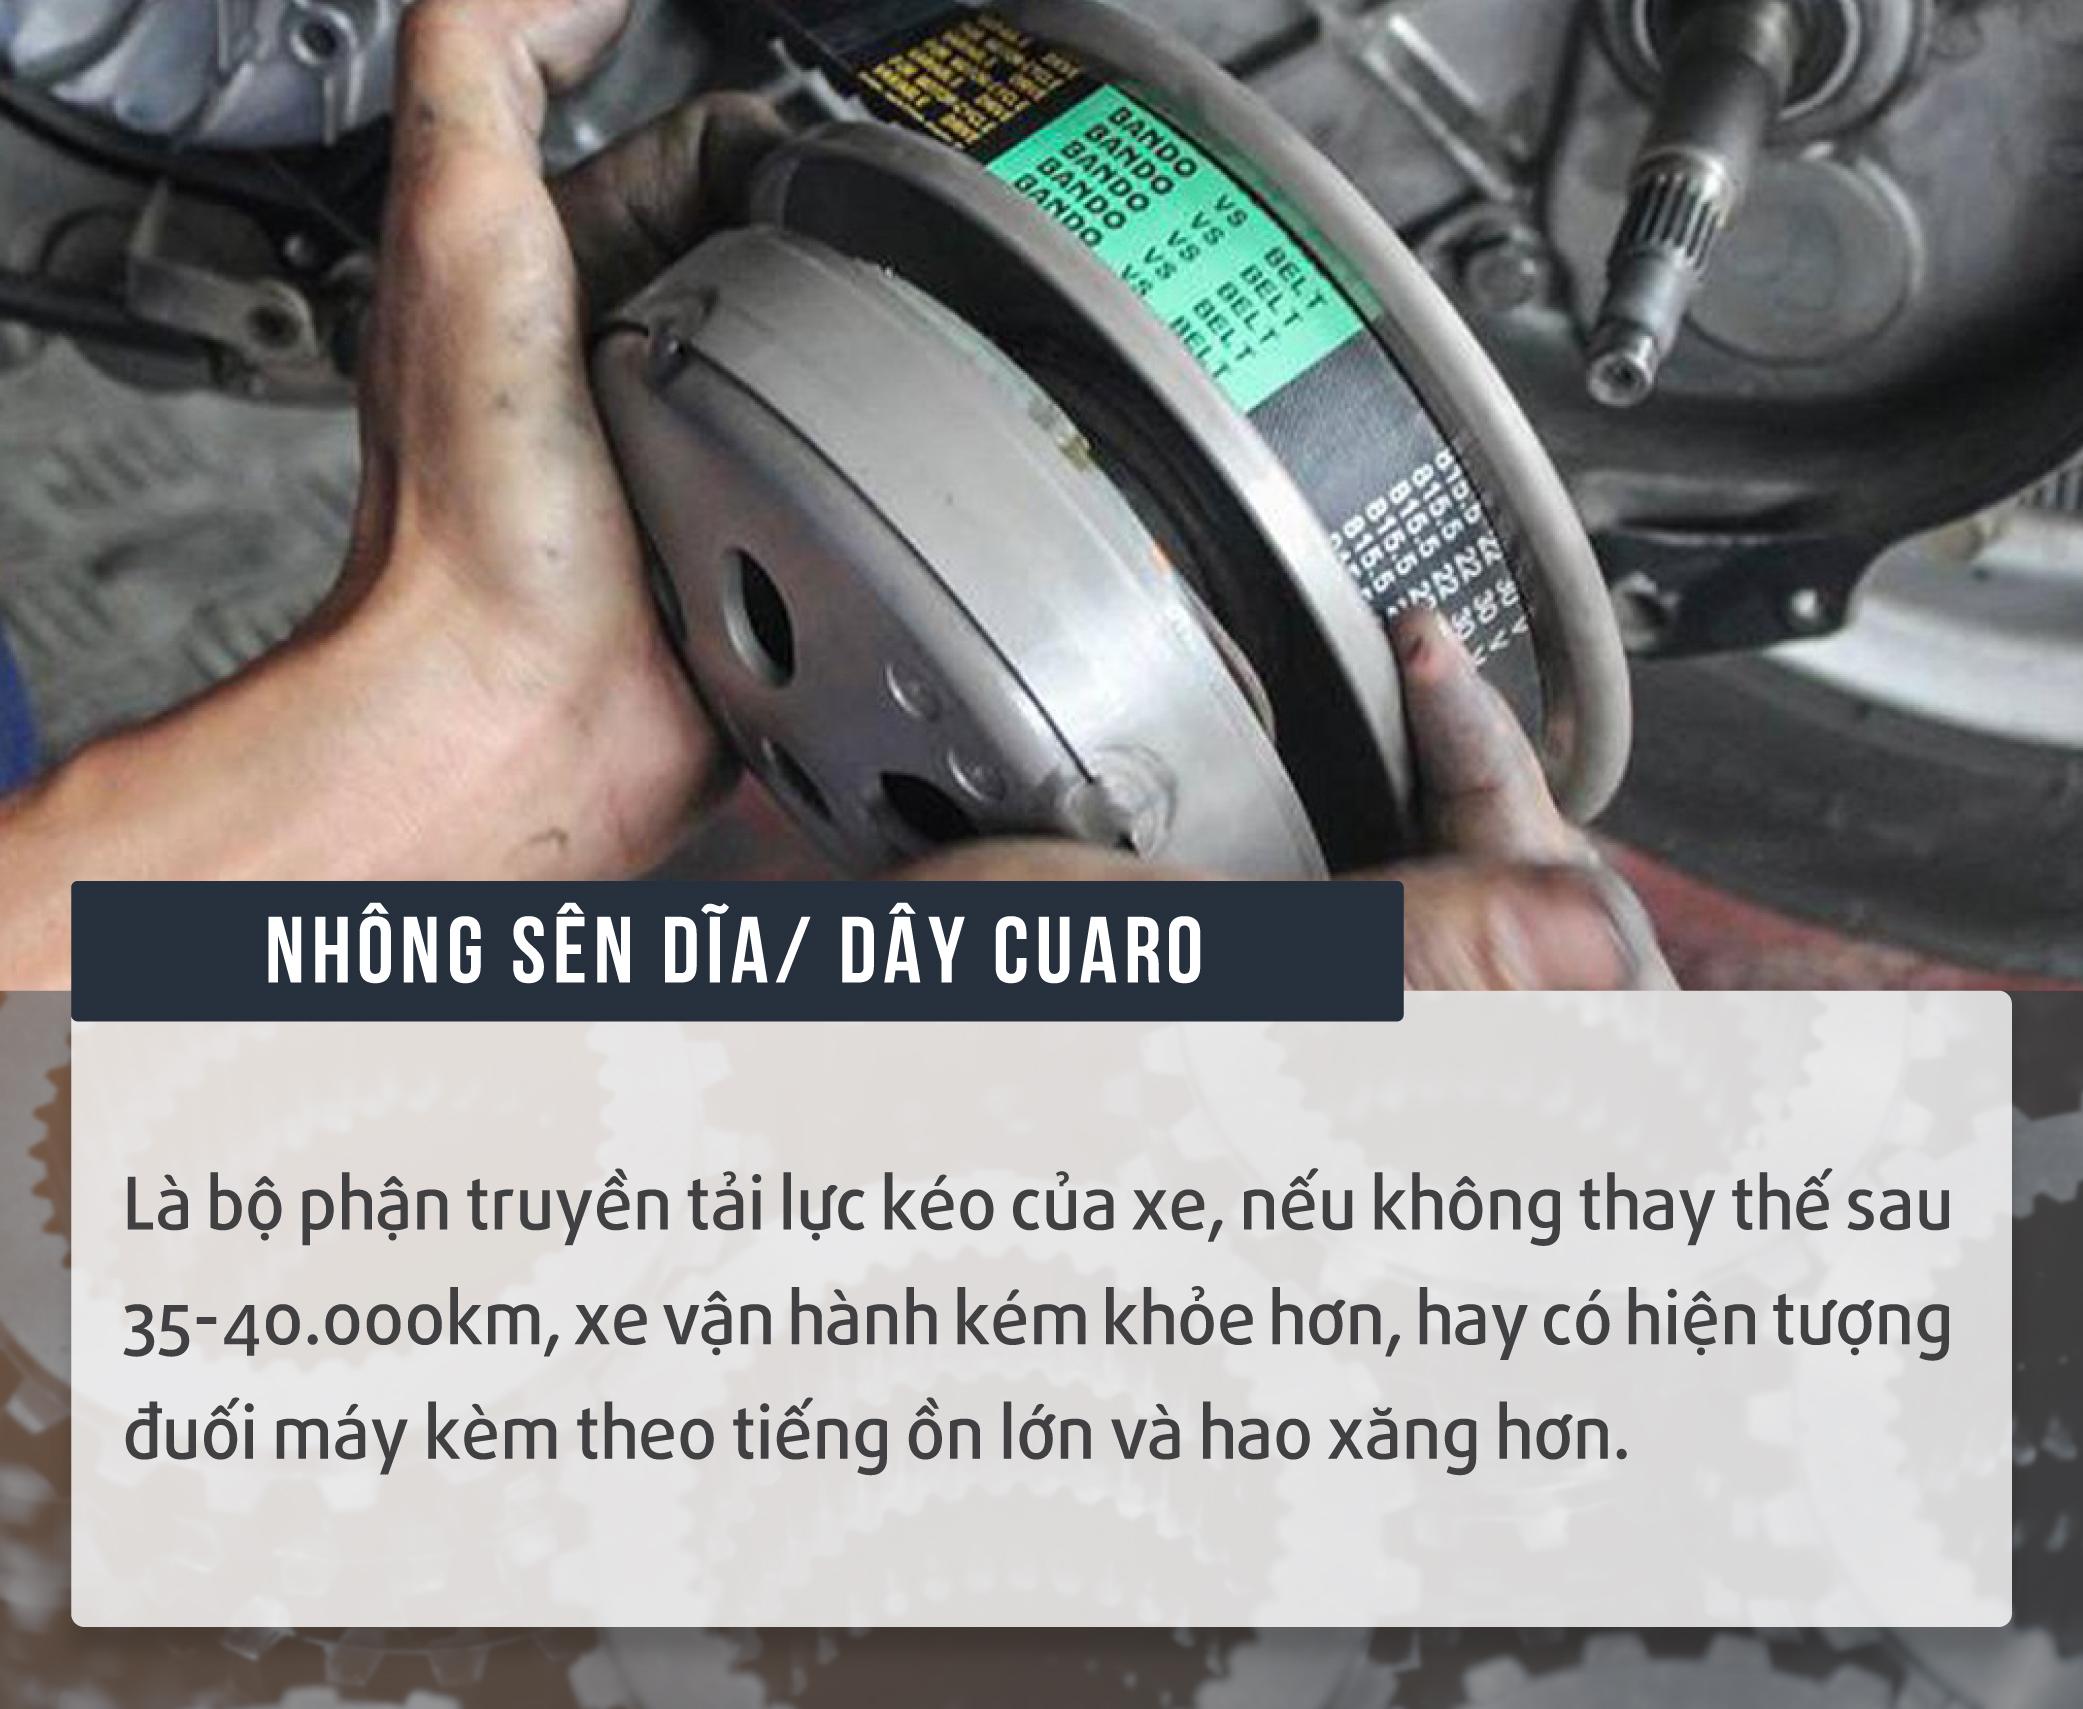 nho-ky-cac-thoi-han-nay-de-thay-the-cac-bo-phan-cho-xe-may